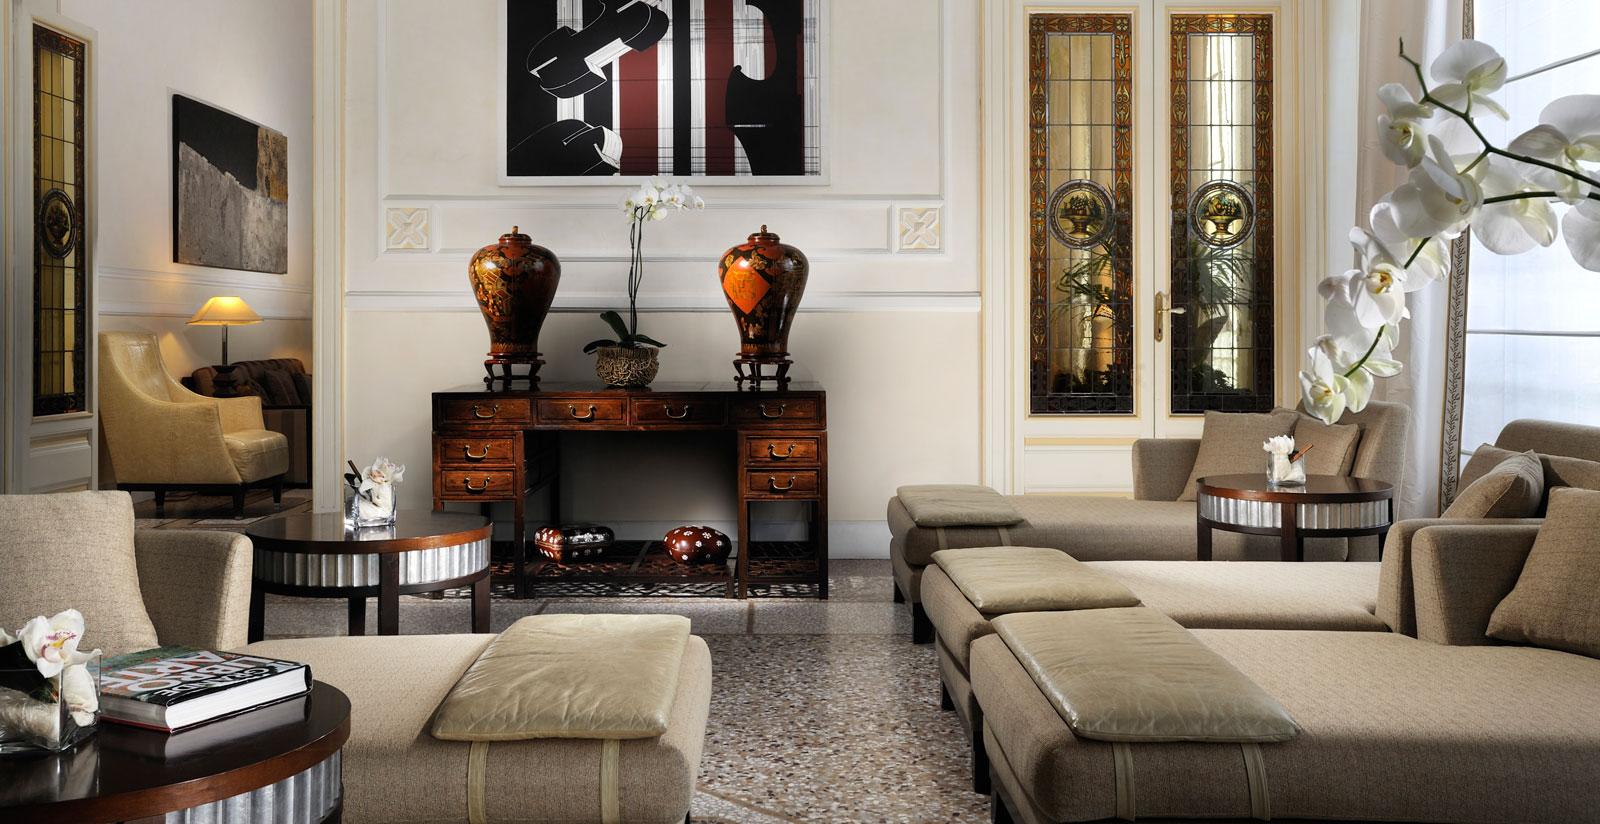 Bagno Turco Piemonte.Grand Hotel Principe Di Piemonte Lusso A Viareggio